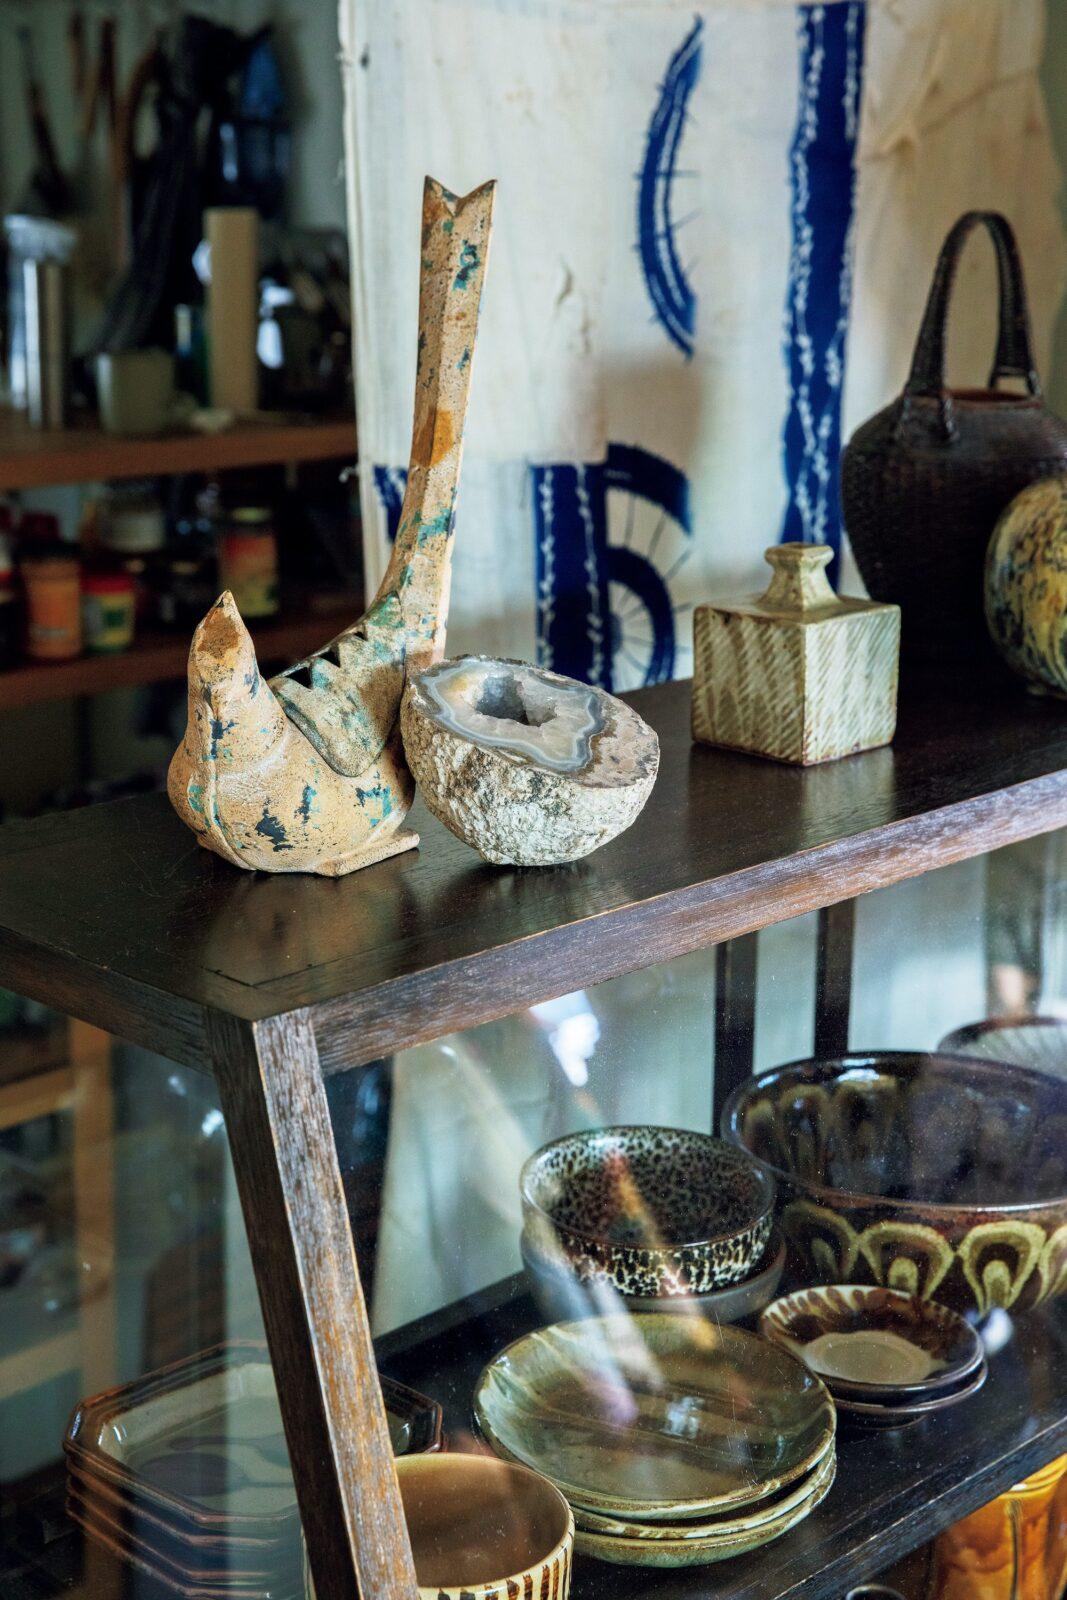 ダイニングとキッチンの空間を分けるショーケースは、この家用に〈テンポス〉で購入したもの。骨董市で掘り出した銅製の鳥は、中国のお香立てだった。右上の一輪挿しは人間国宝・島岡達三の民芸品で、妻・良子さんの祖母から譲り受けたもの。